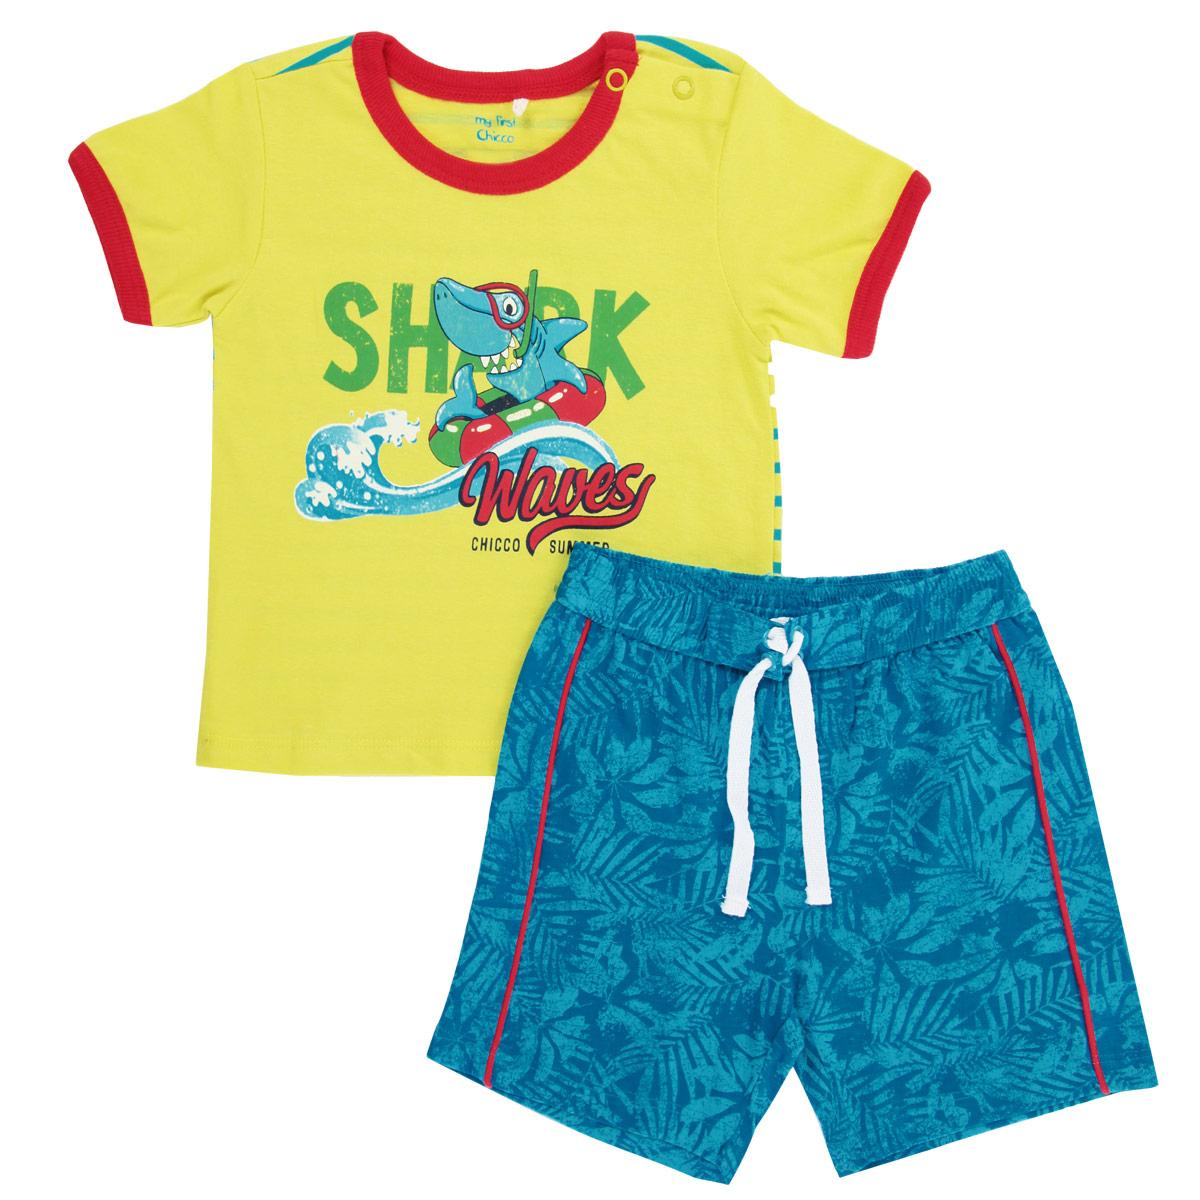 Комплект для мальчика: футболка, шорты. 90704029070402Комплект для мальчика Chicco, состоящий из футболки и шорт, идеально подойдет вашему ребенку. Изготовленный из натурального хлопка, он необычайно мягкий и приятный на ощупь, не сковывает движения и позволяет коже дышать, не раздражает даже самую нежную и чувствительную кожу ребенка, обеспечивая ему наибольший комфорт. Футболка с короткими рукавами и круглым вырезом горловины имеет застежки-кнопки по плечу, что помогает с легкостью переодеть ребенка. Спереди изделие оформлено оригинальной термоаппликацией на морскую тематику, а сзади - принтом в полоску. Вырез горловины и низ рукавов дополнены трикотажной эластичной резинкой. Шортики на талии имеют широкую эластичную резинку с контрастным шнурком, благодаря чему они не сдавливают живот ребенка и не сползают. Сзади предусмотрен накладной кармашек. Оформлены шортики оригинальным растительным принтом и украшены контрастными бейками. Оригинальный дизайн и модная расцветка делают этот комплект незаменимым предметом...